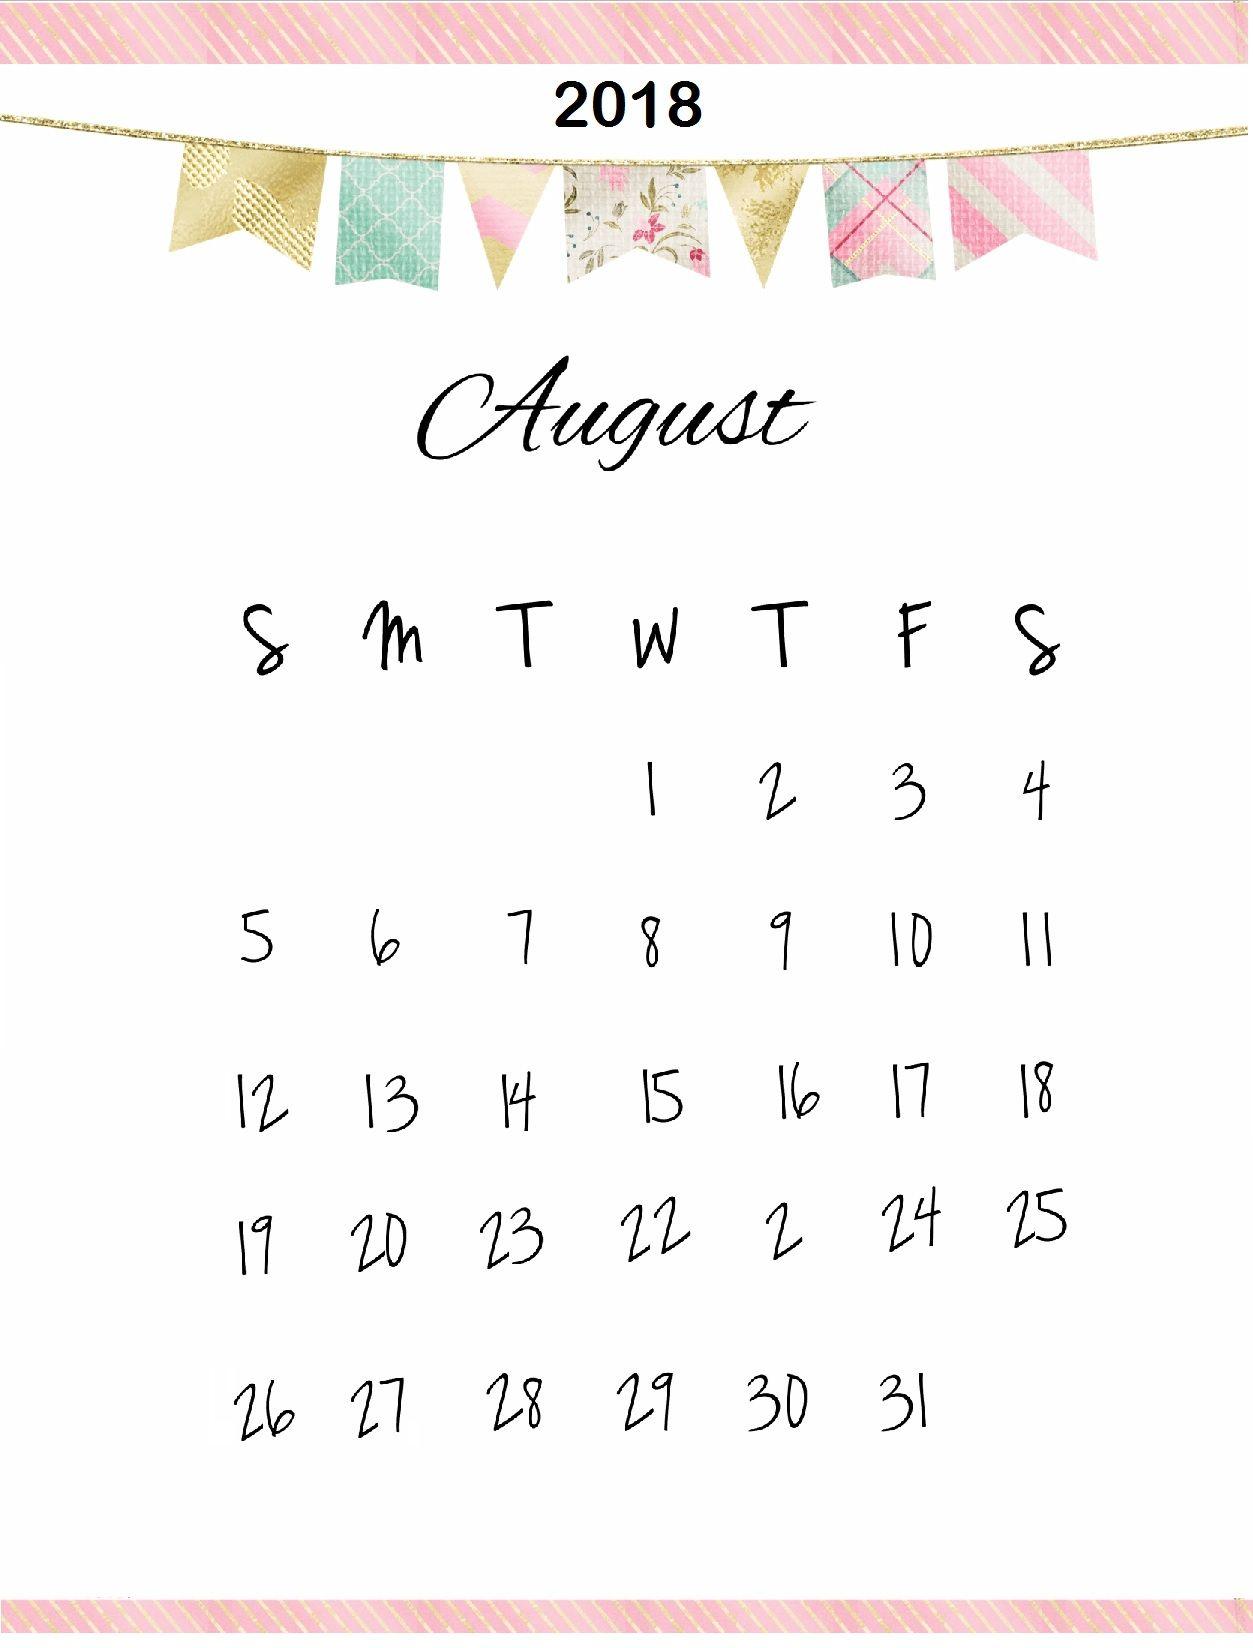 Cute August 2018 Calendar Calendar Design